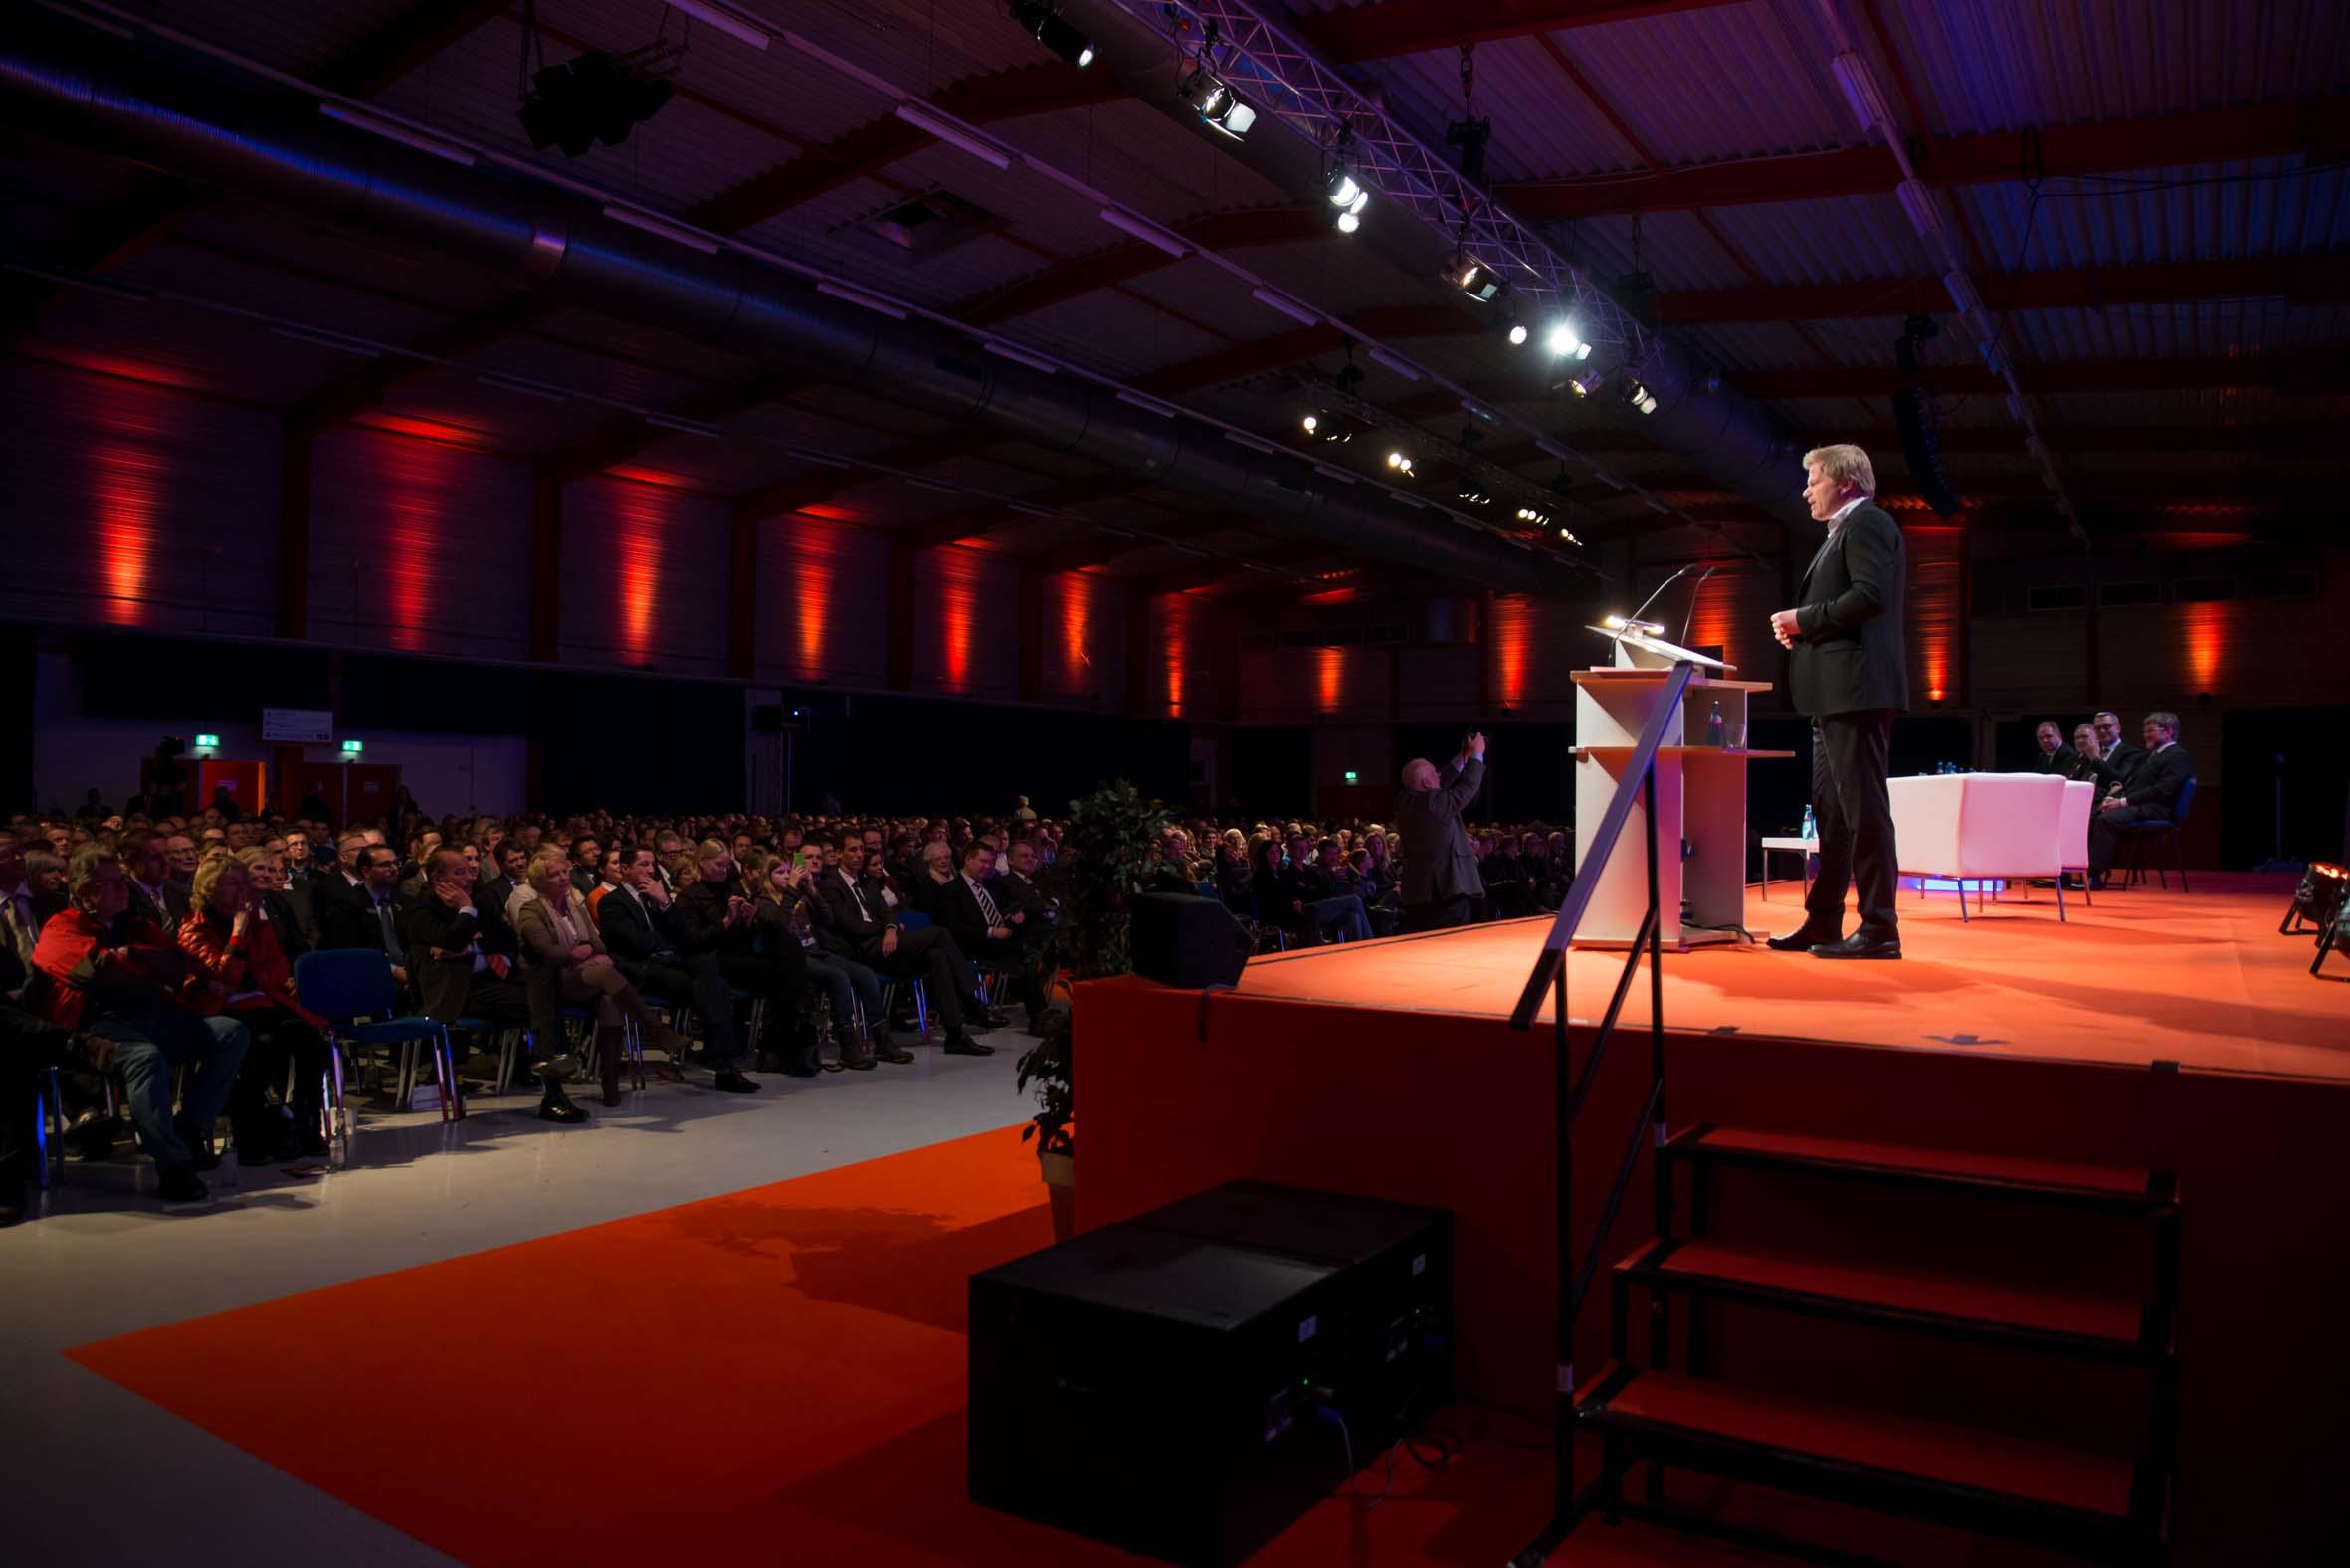 Bildergalerie Mitgliederversammlung 2015 in Gießen, Bild 53